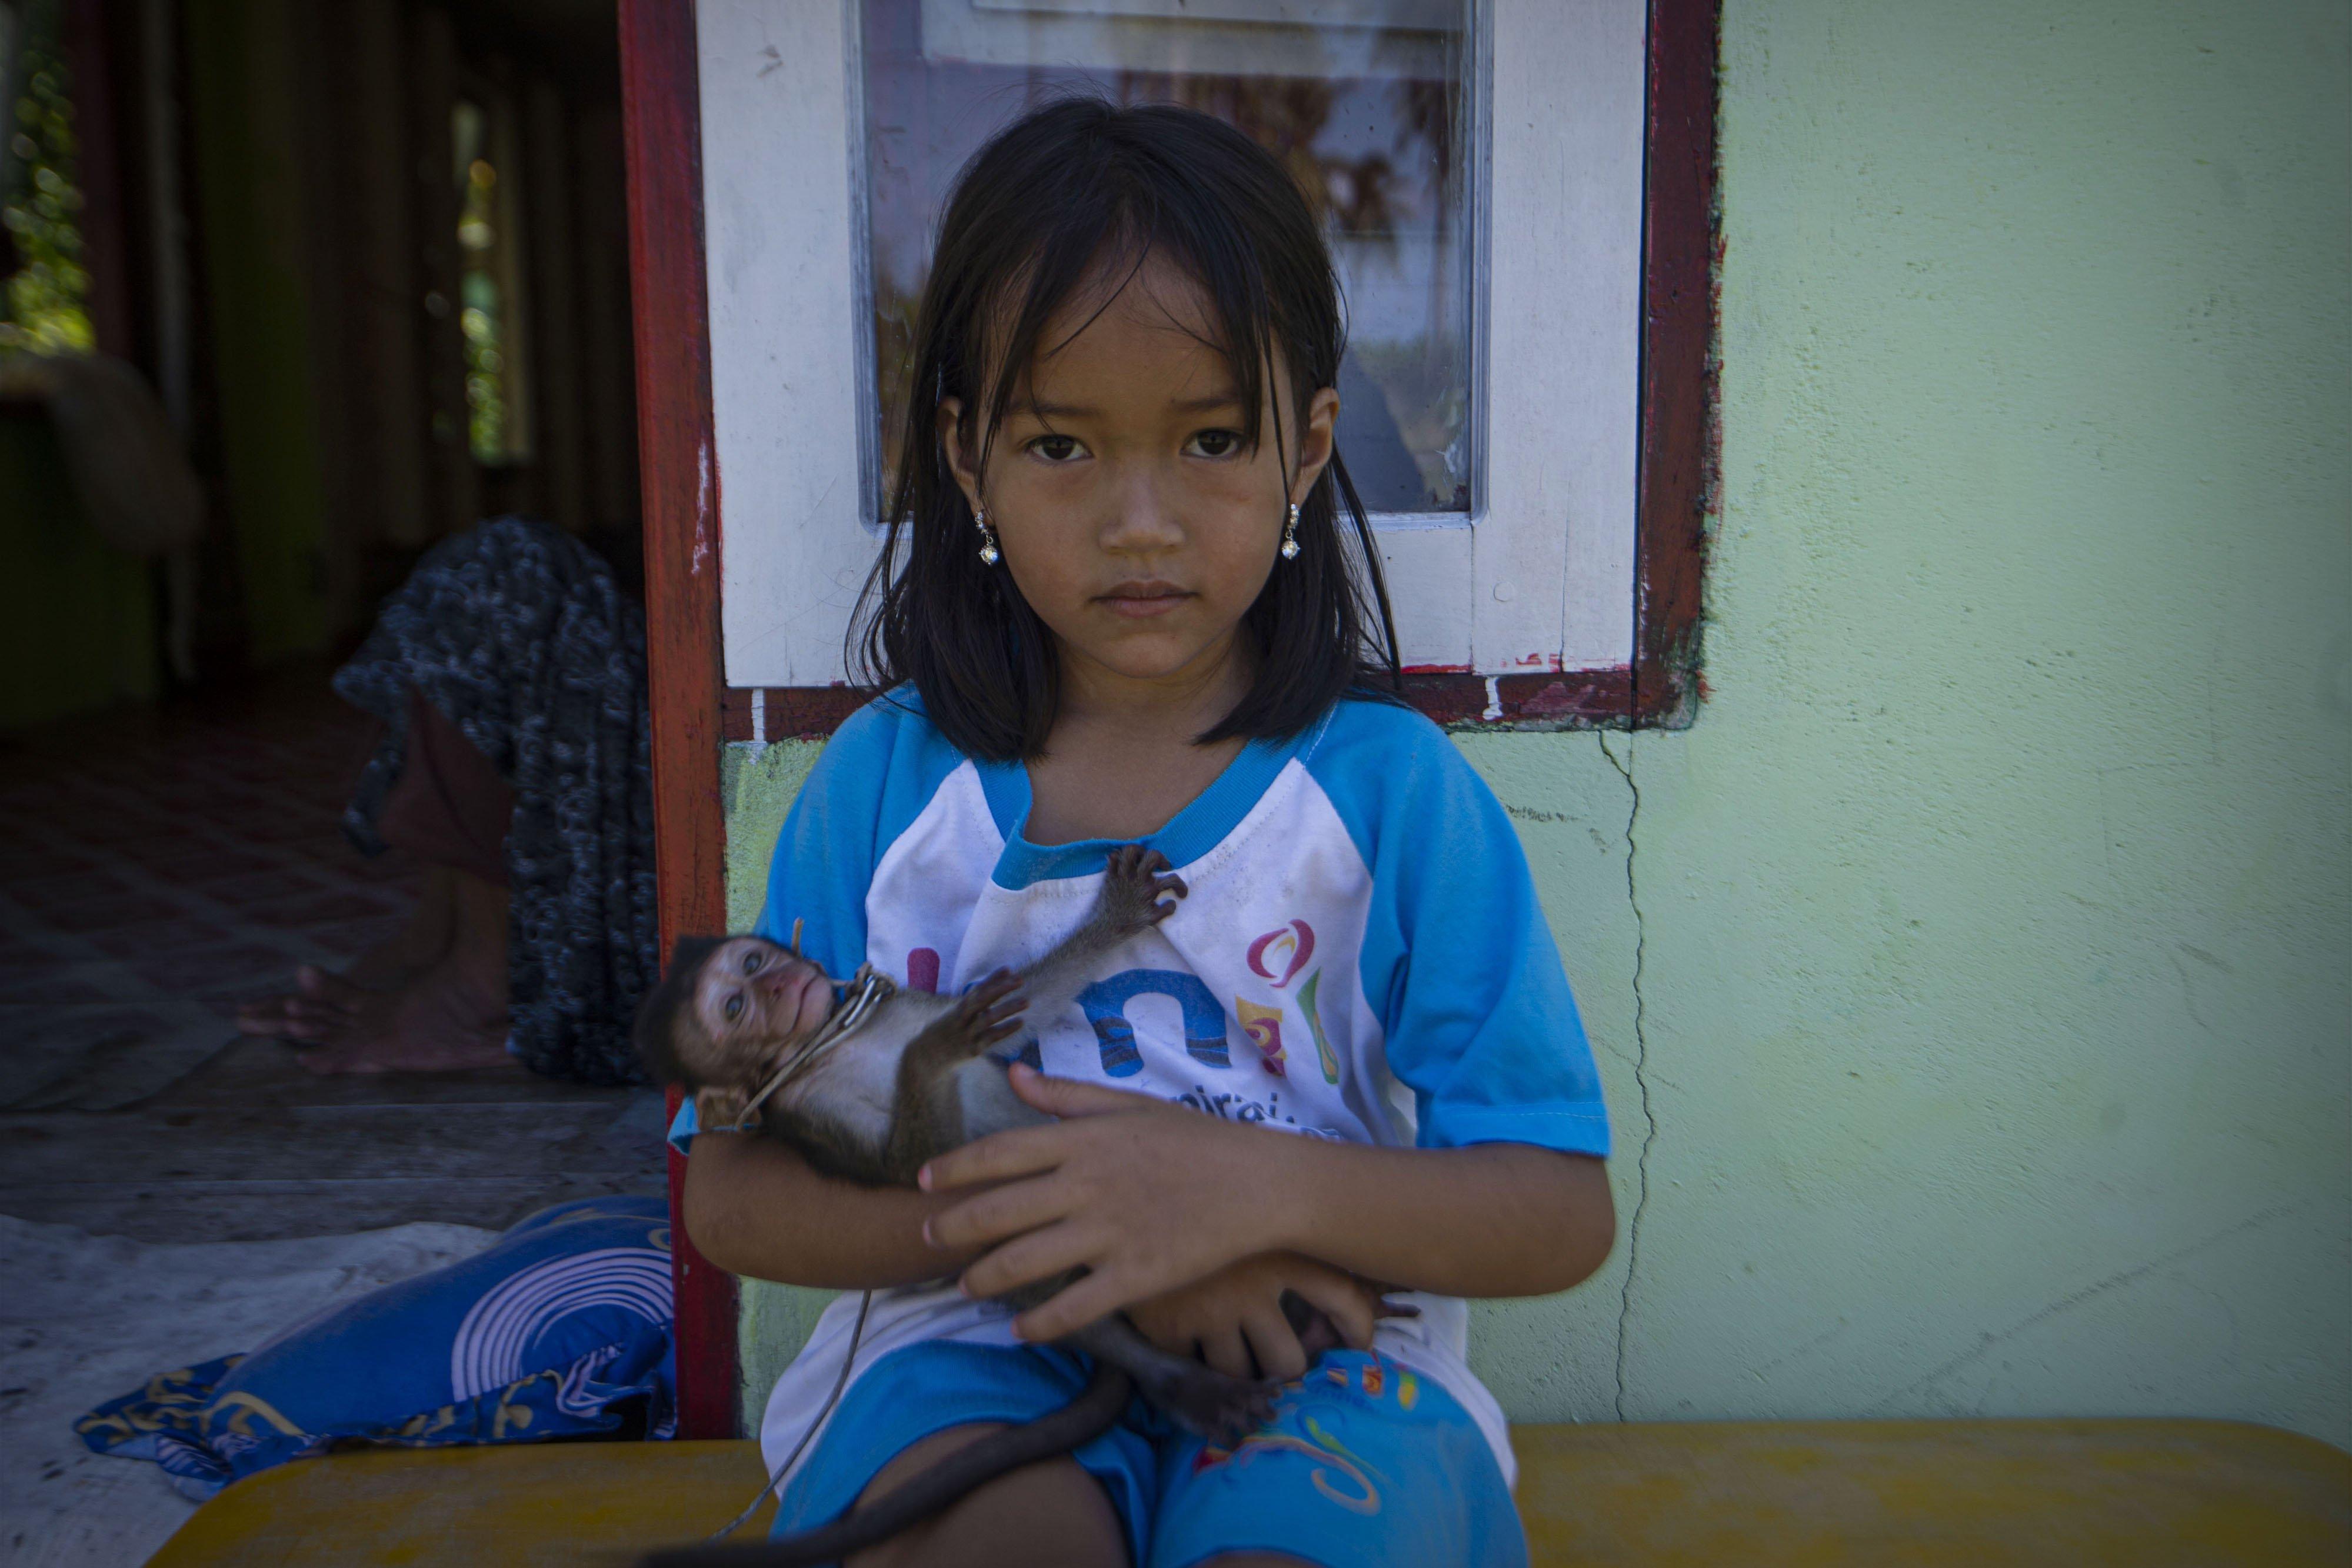 Seorang anak menggendong kera peliharaannya di depan rumahnya Desa Air Payang di Pulau Laut, Kabupaten Natuna, Kepulauan Riau.